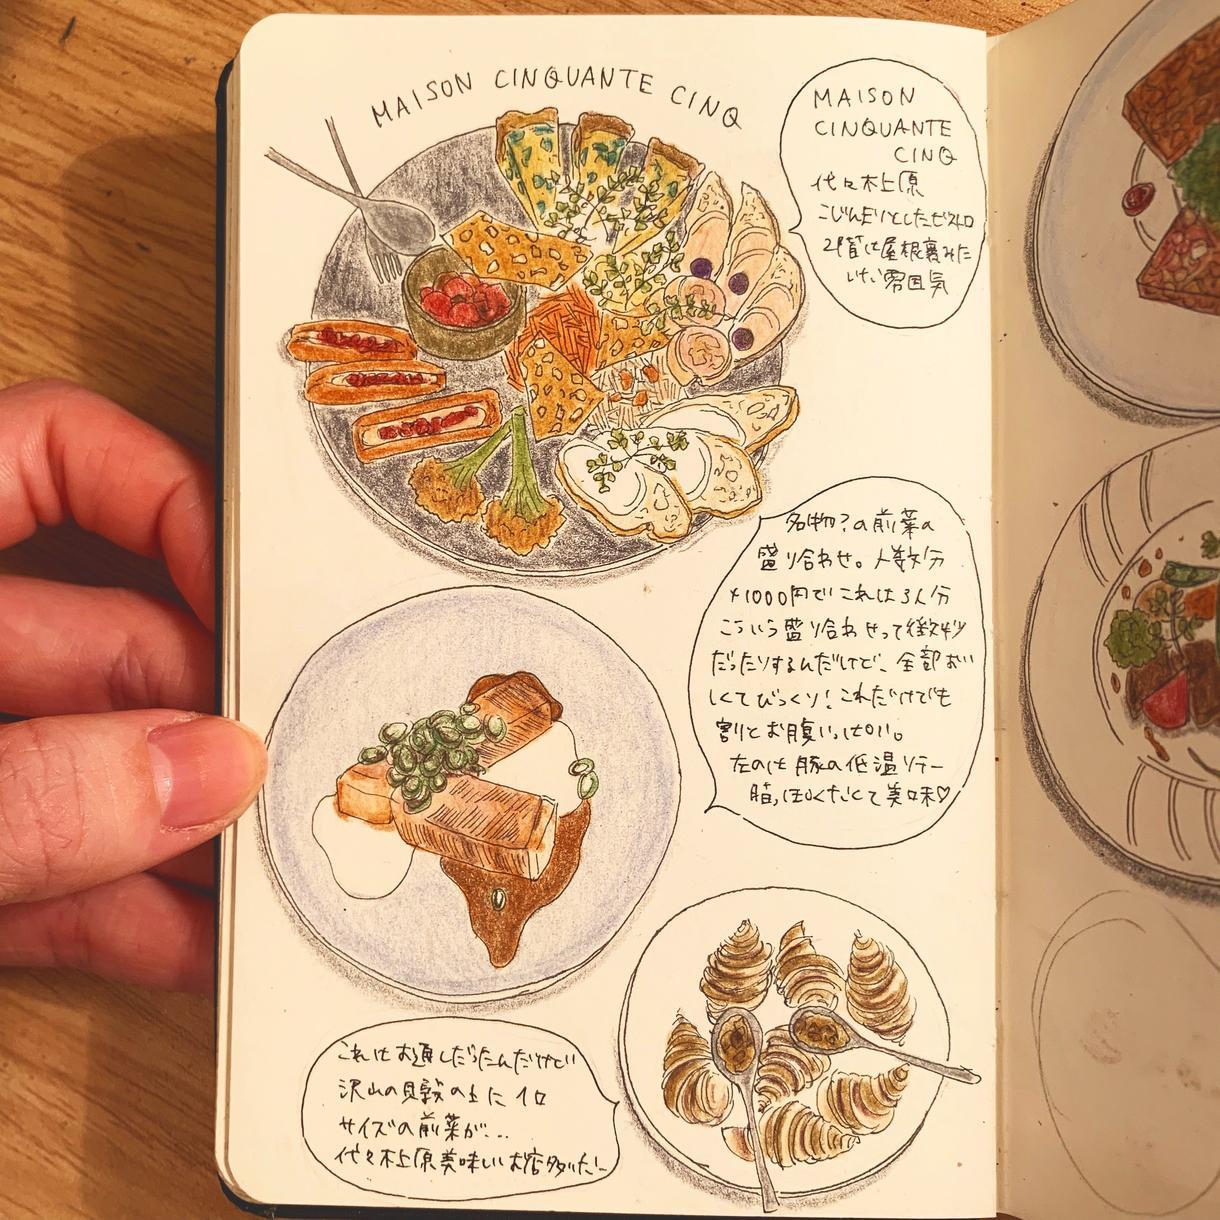 食べ物のイラスト描きます 飲食店のメニュー表などにおススメです イメージ1